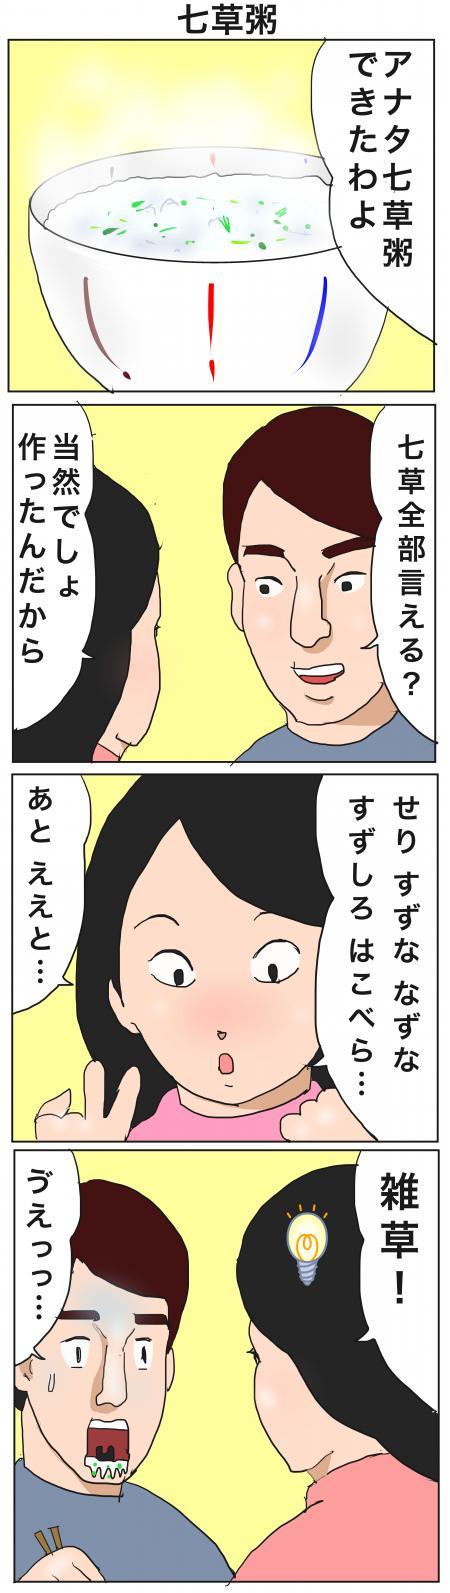 七草粥+のコピー_convert_20150107202025